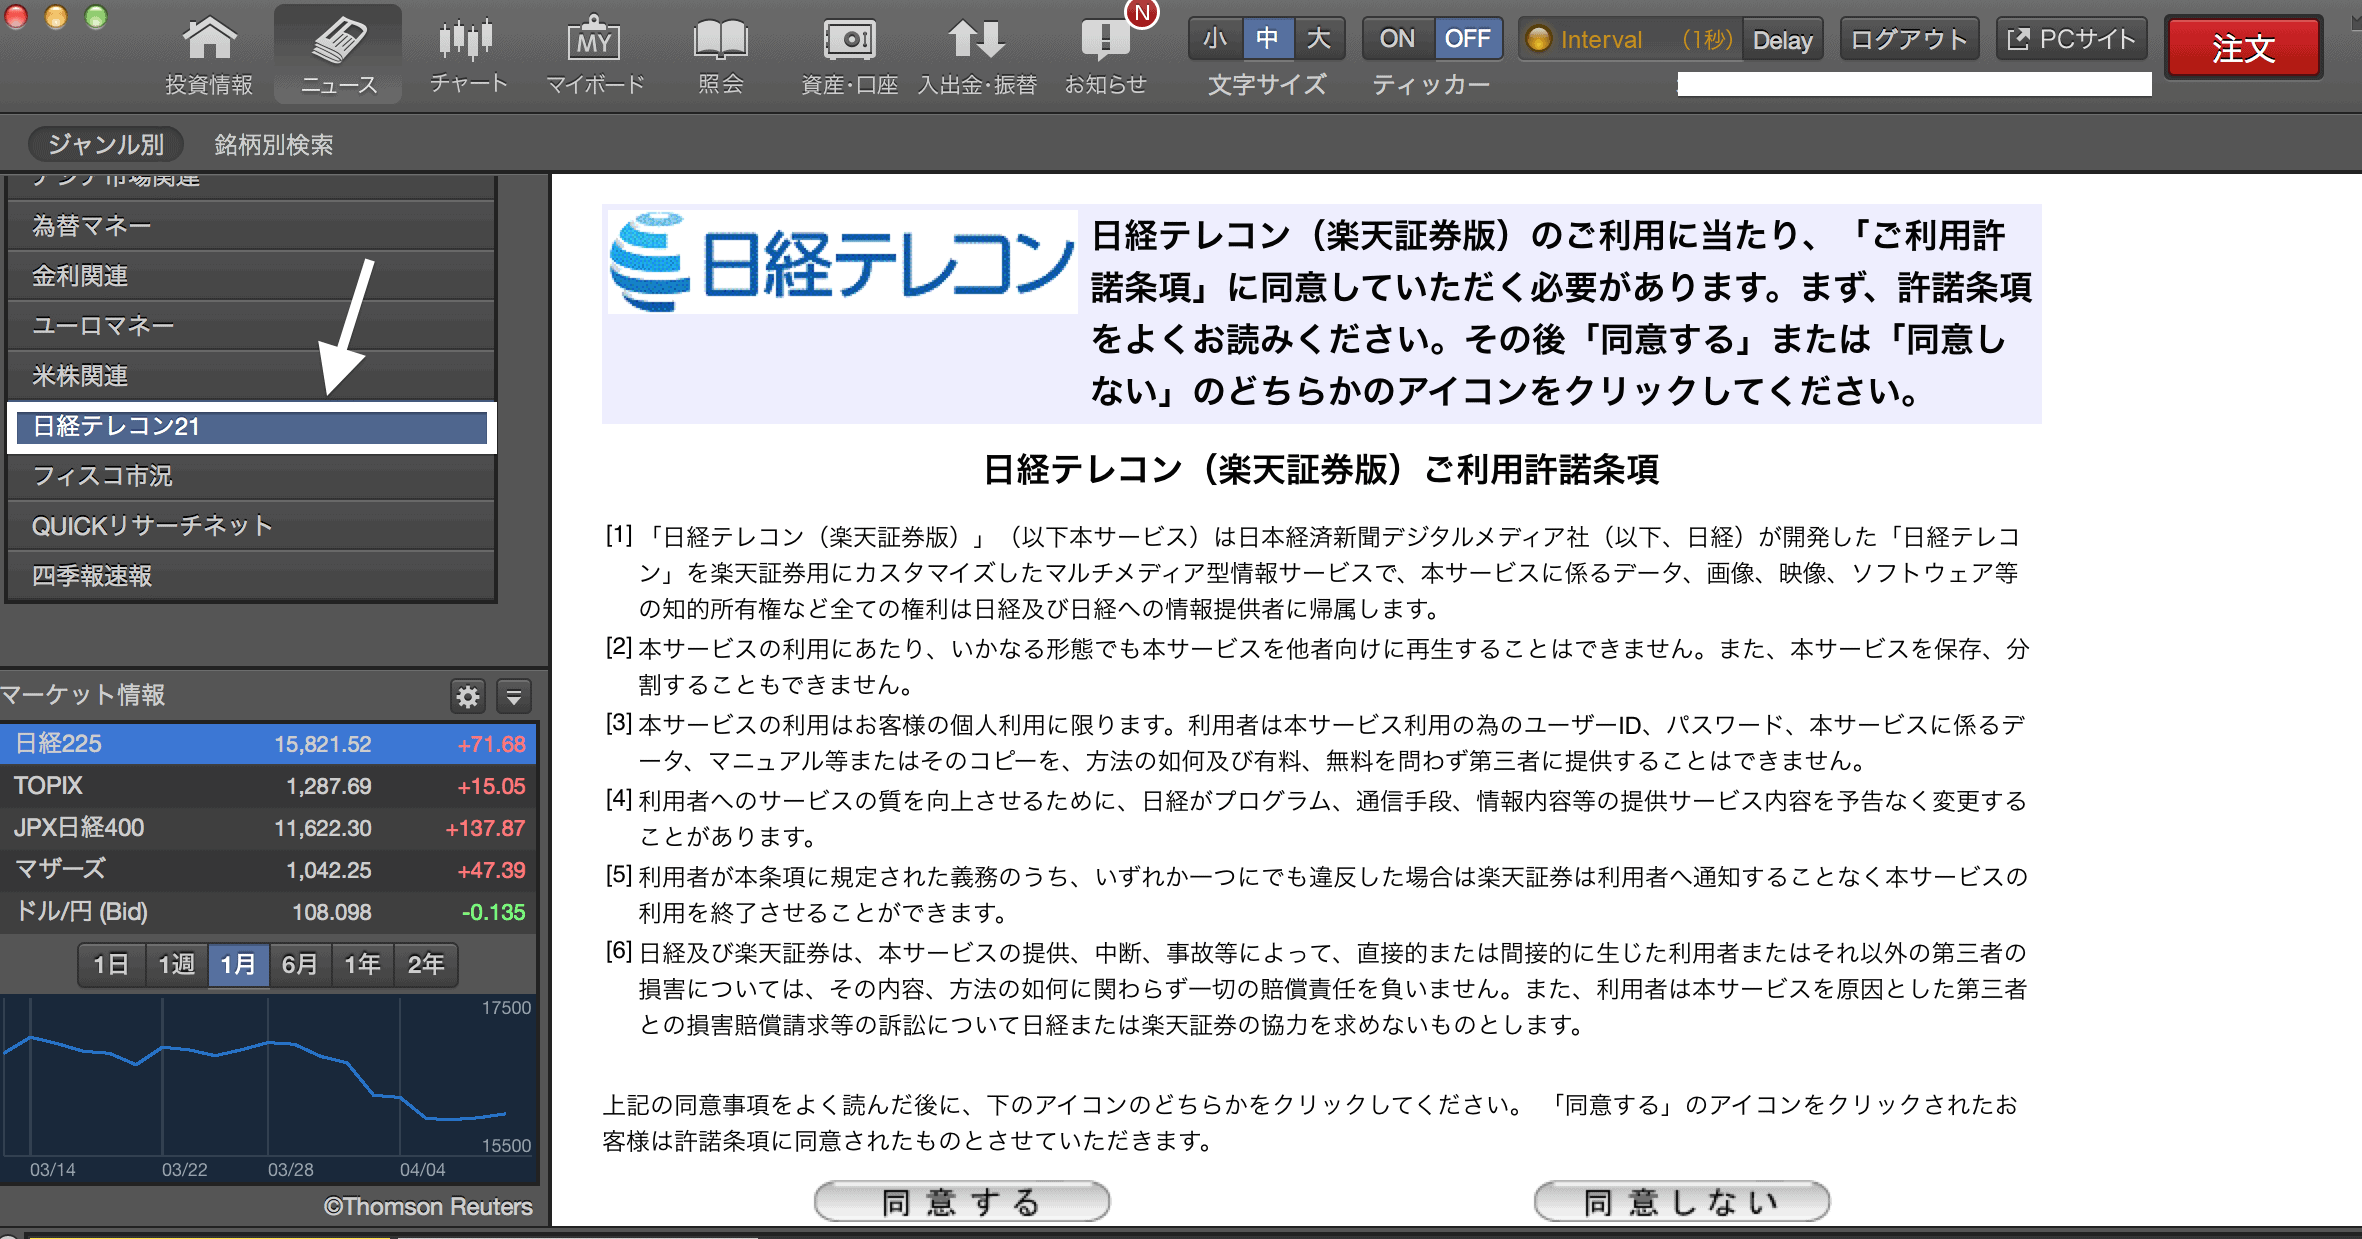 「日経テレコン21」をクリックし、承諾事項に同意する